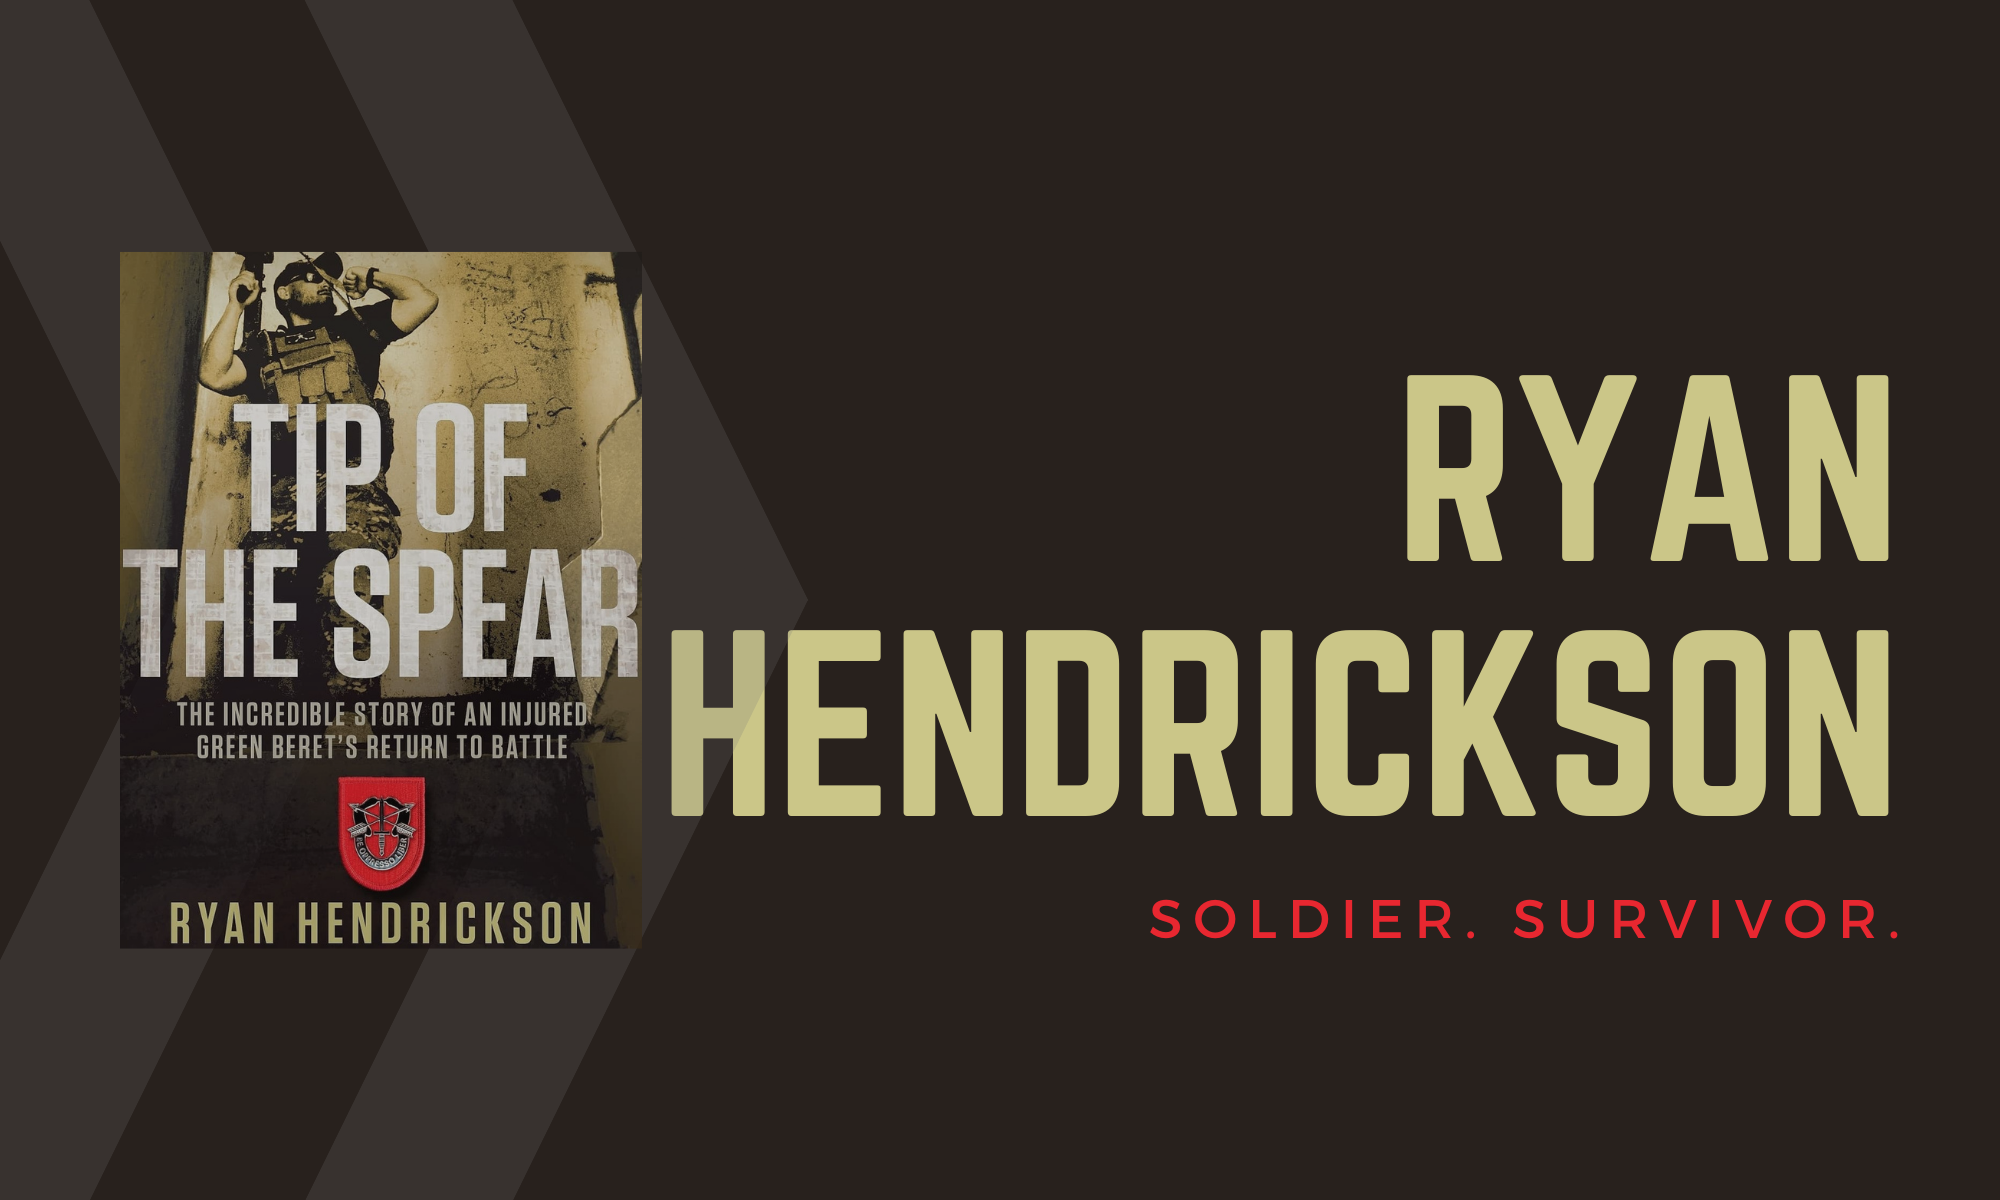 Ryan Hendrickson